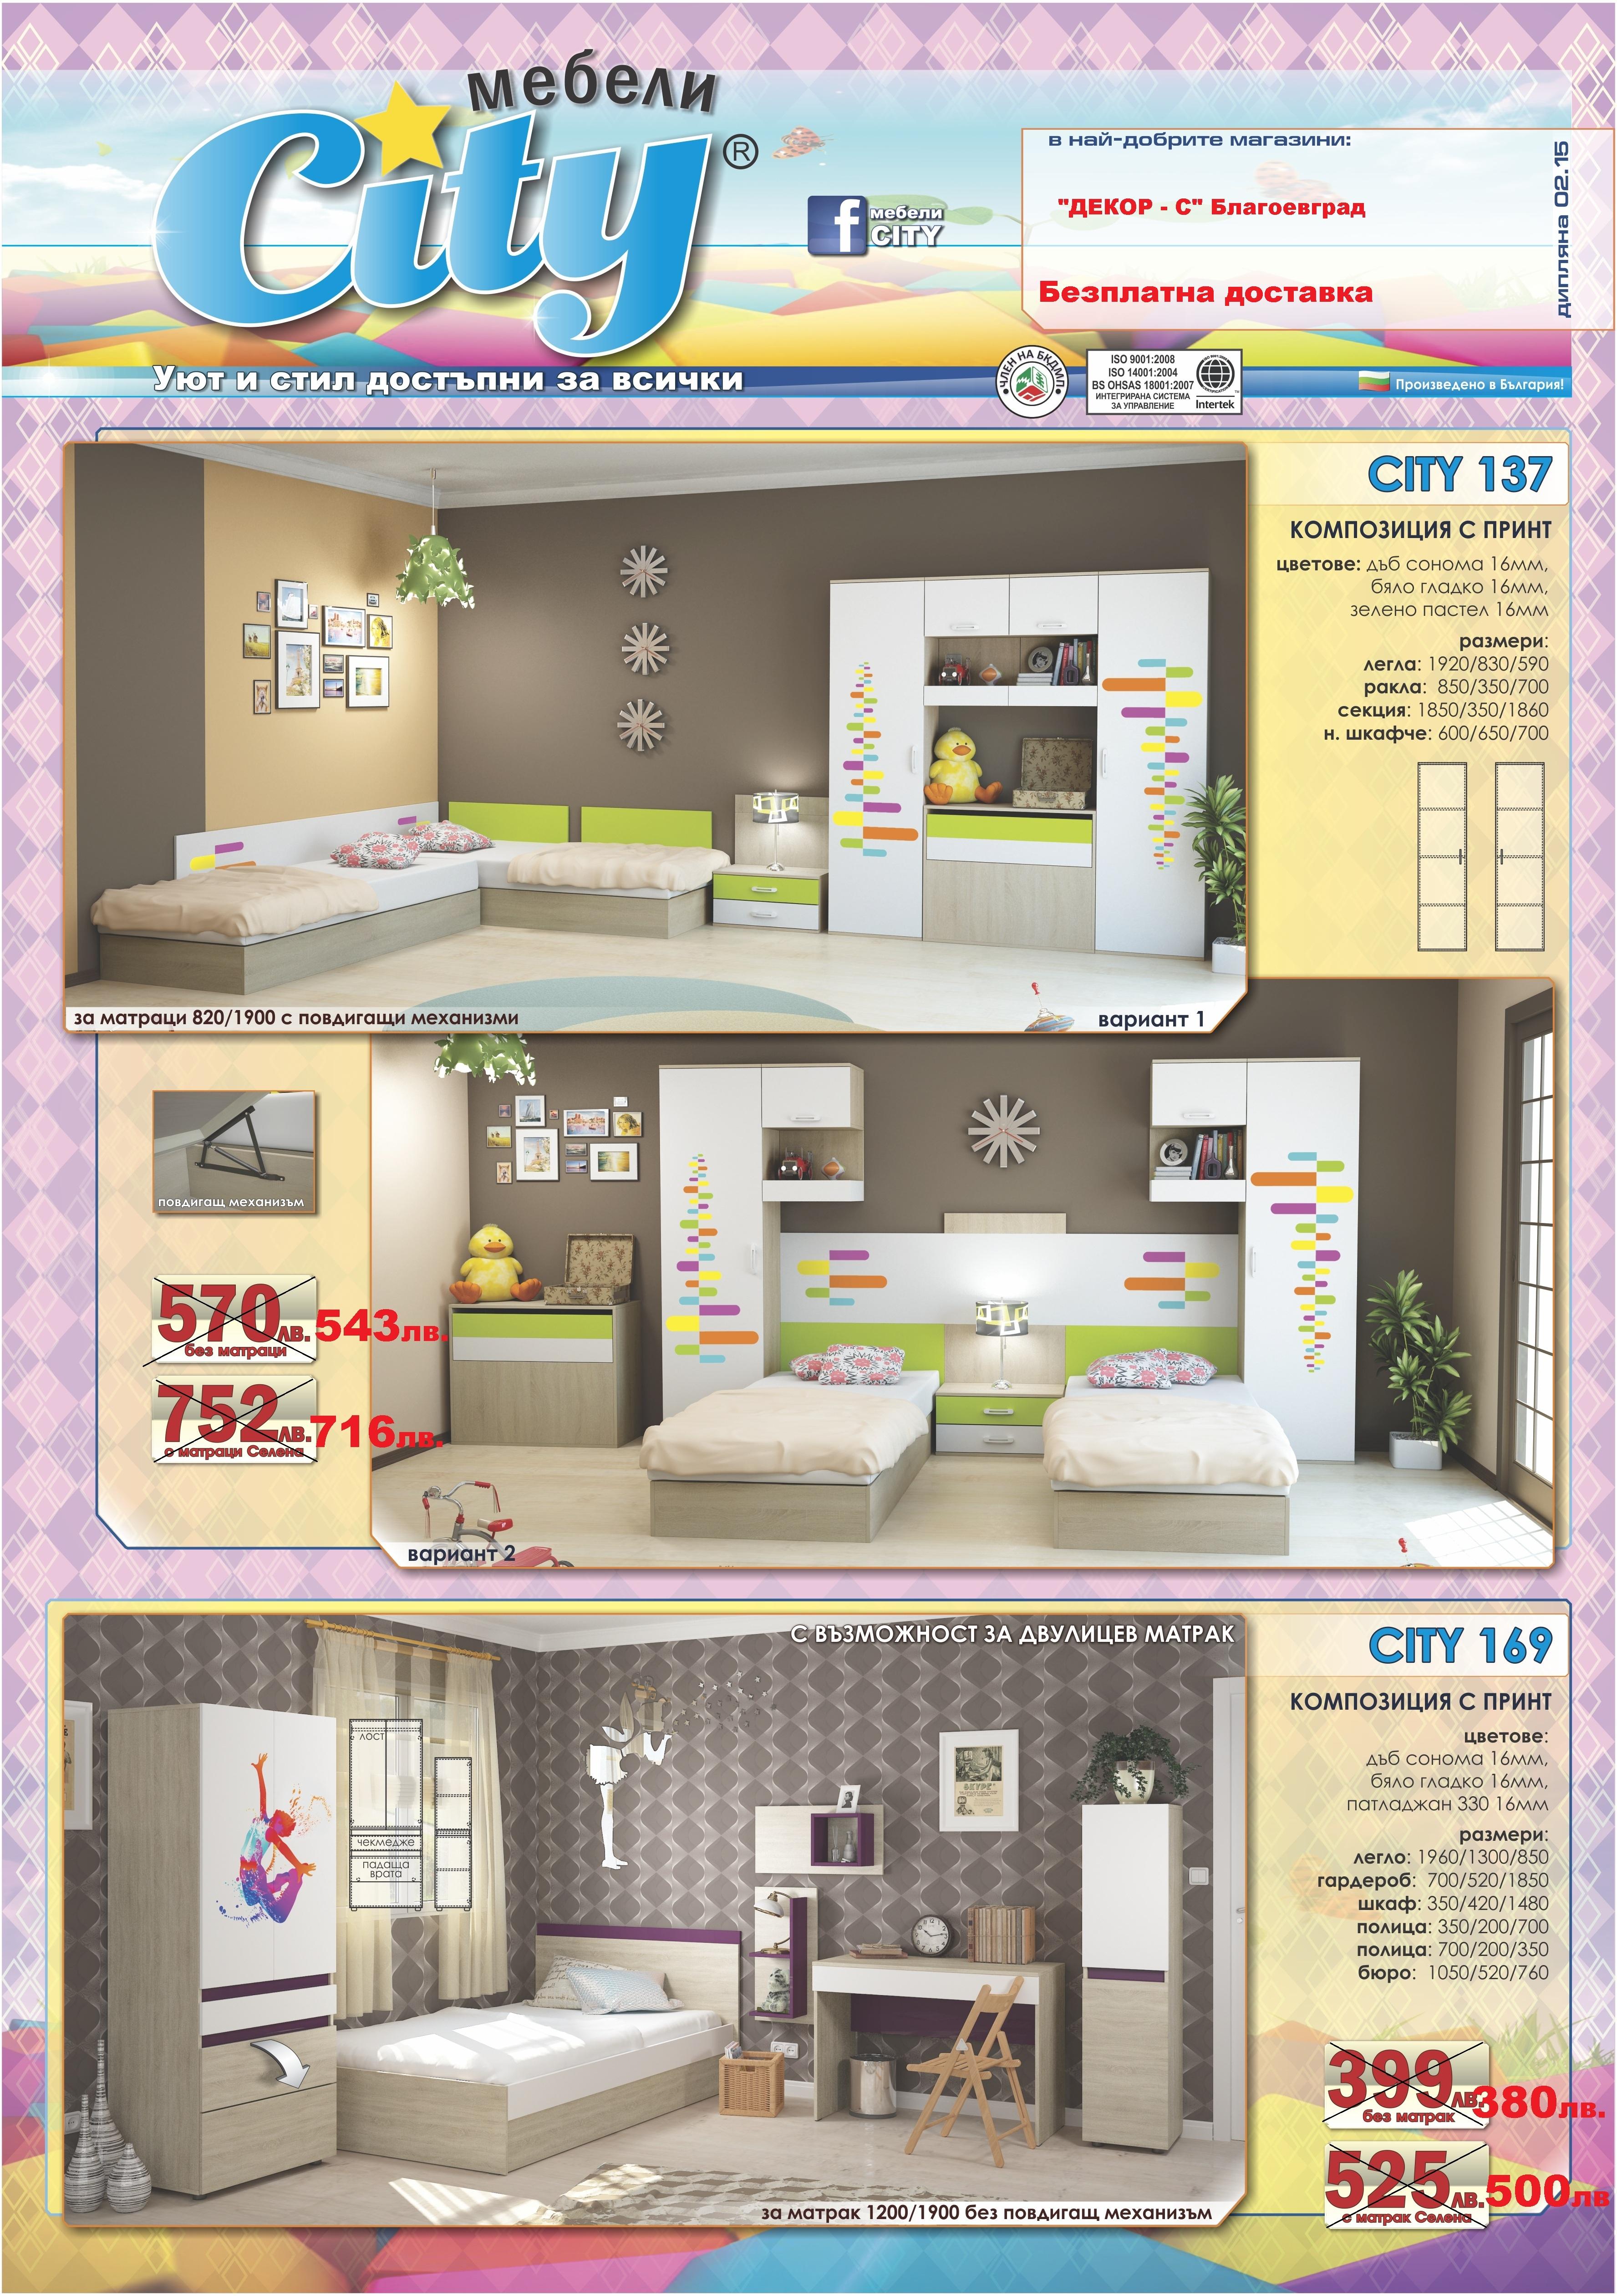 Магазин ДЕКОР-C bgvrata.com  - качествени мебели на достъпни цени.